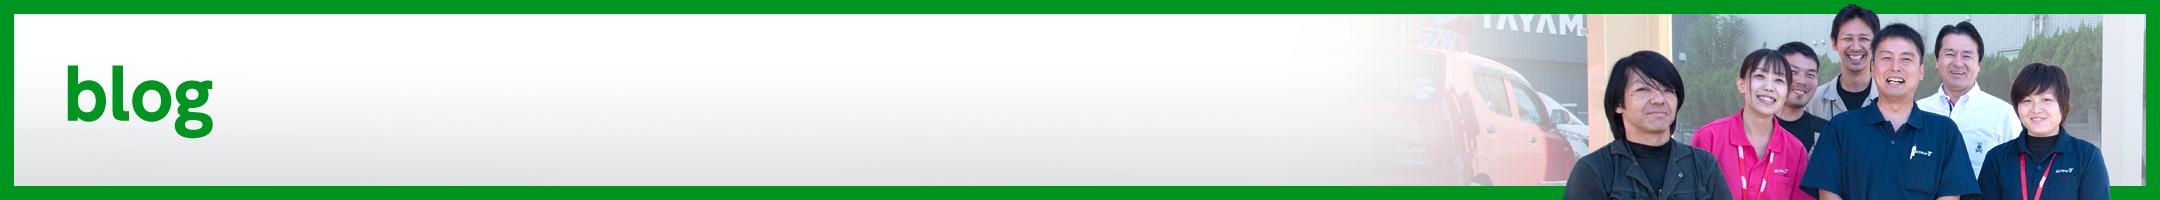 簡単WEB仮審査フォームができました!!!|伊勢崎市カーリースならフラット7いせさき